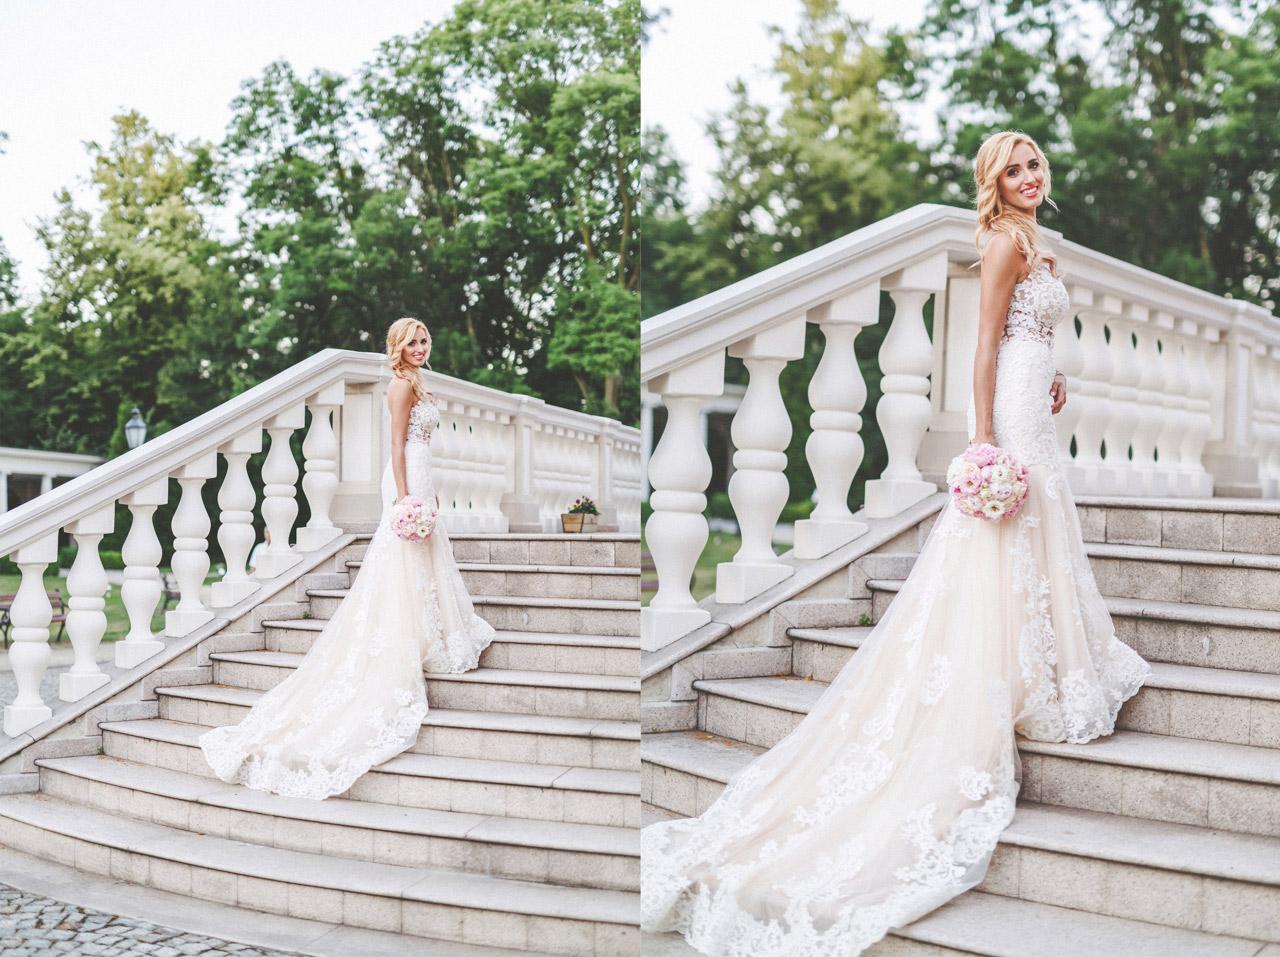 fotografia ślubna, płac Tłokinia, ślub i wesele, fotografia i film ślubny, zdjęcia ślubne, fotograf wielkopolska